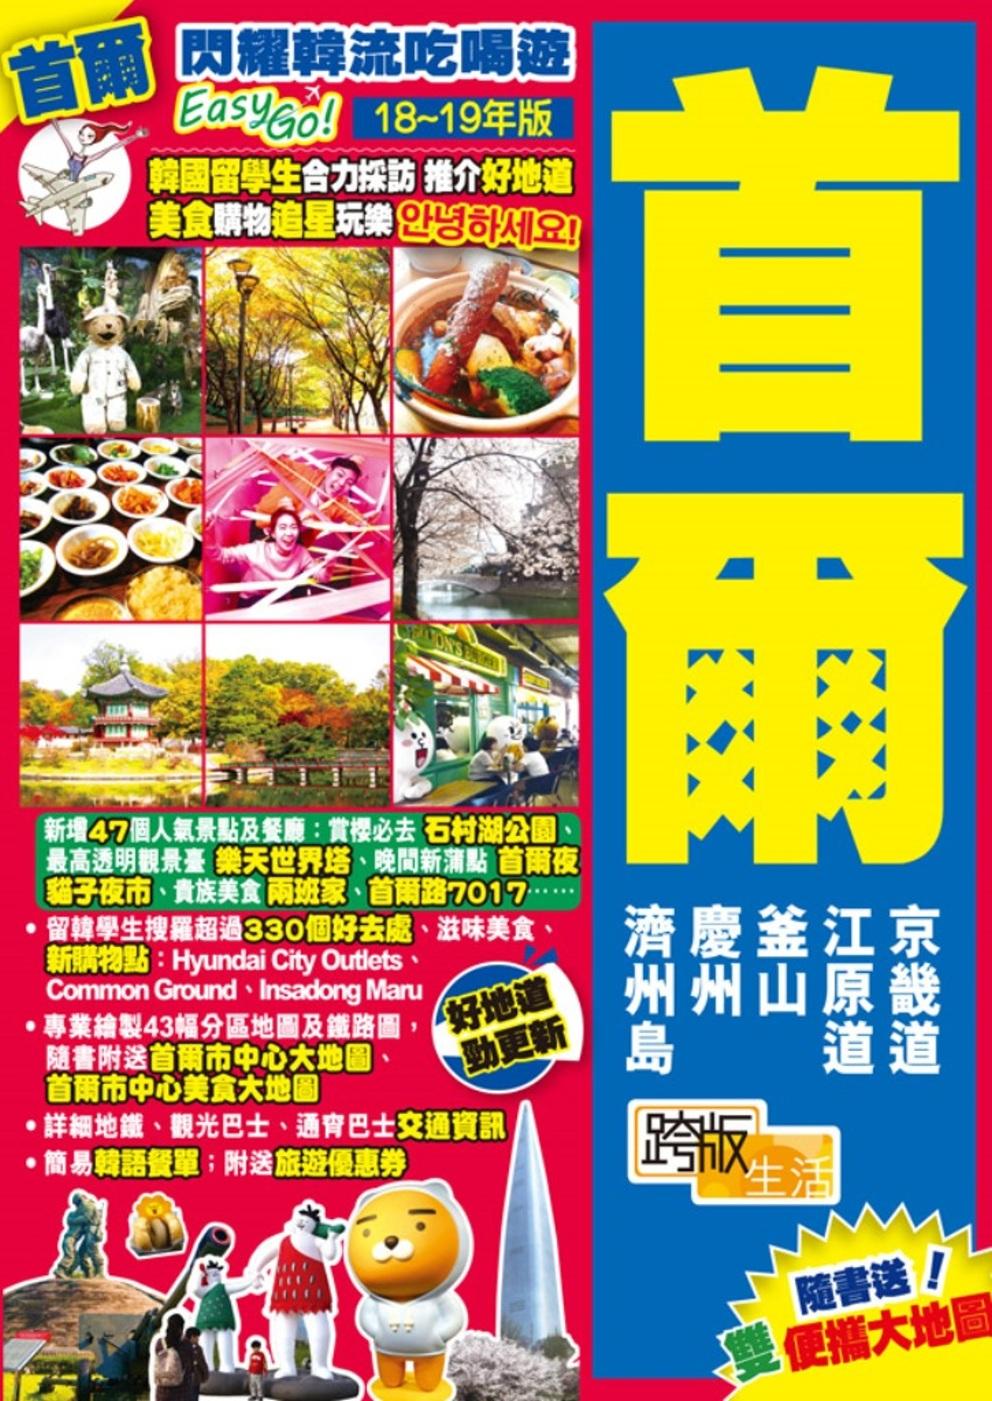 首爾(18-19年版):閃耀韓流吃喝遊Easy GO!